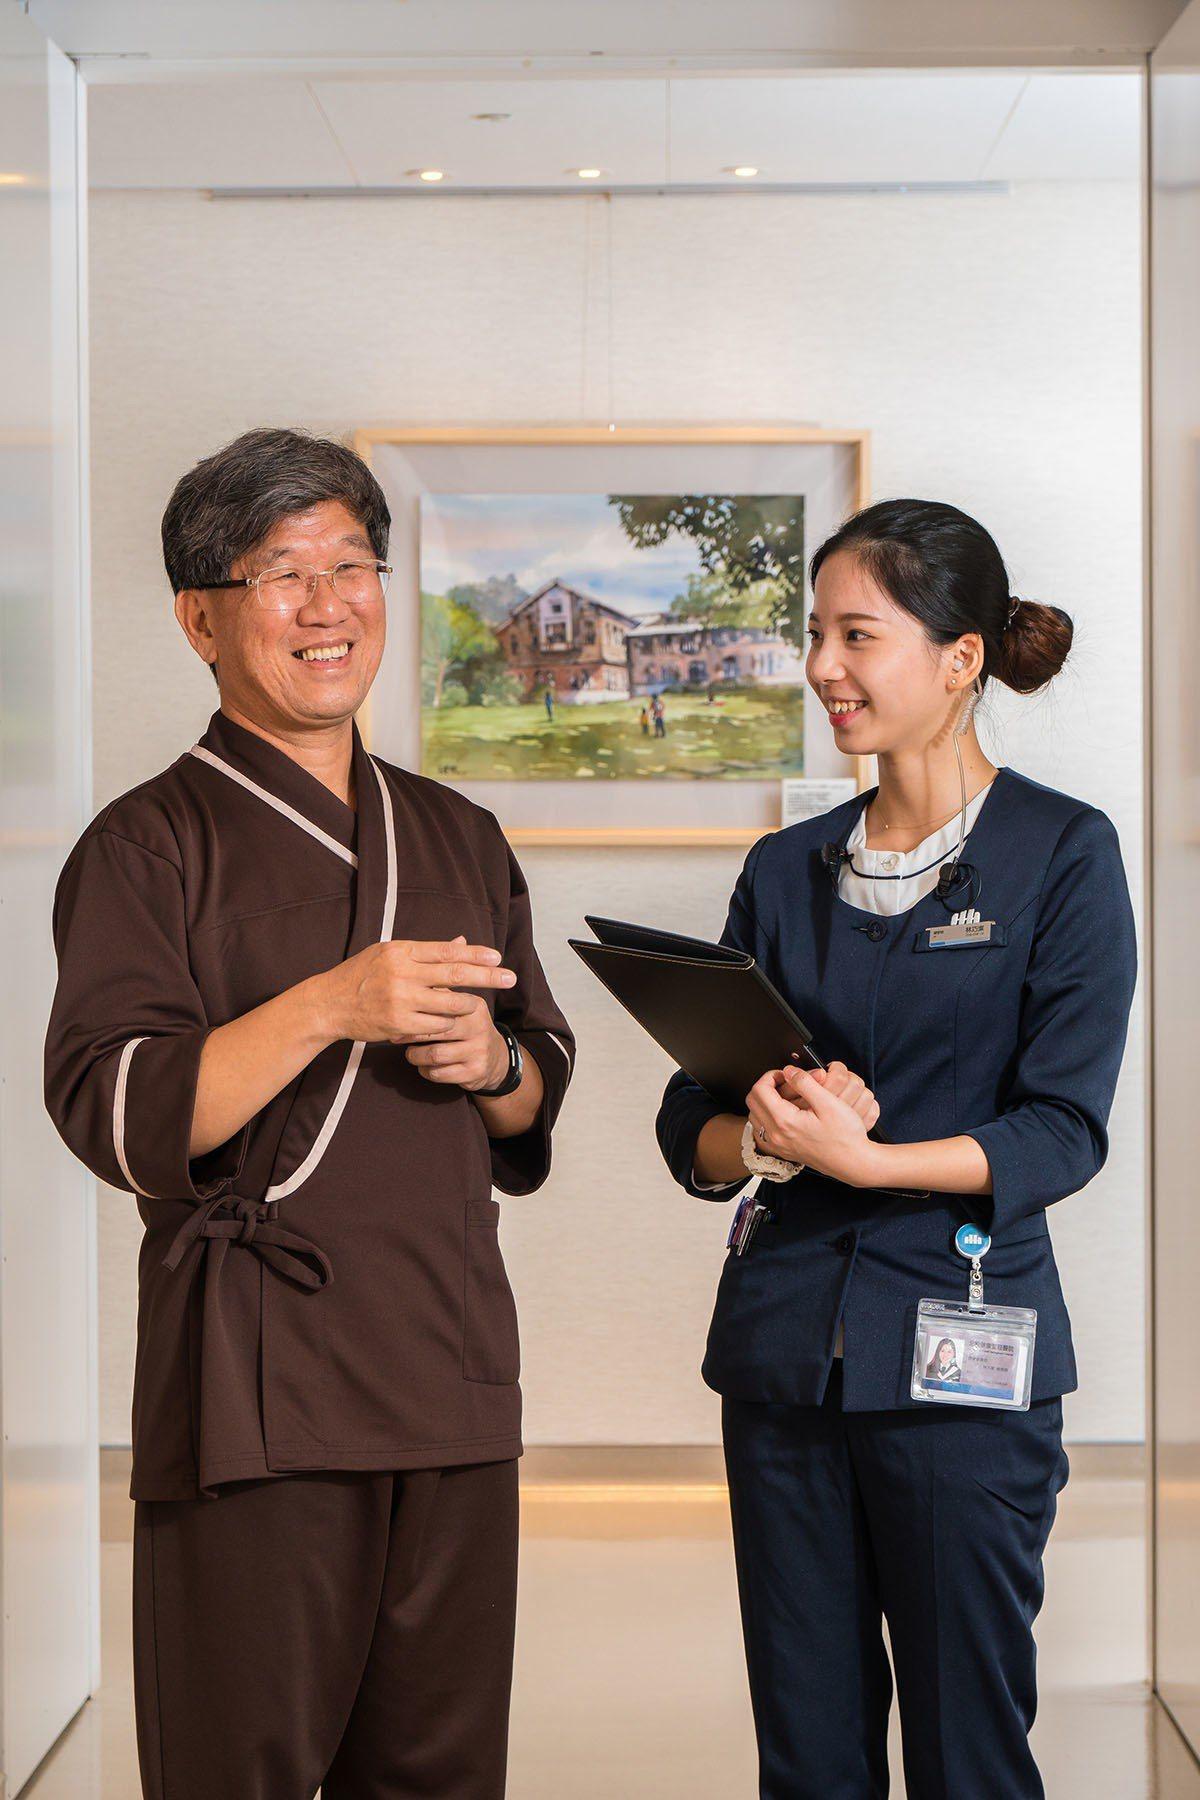 健康檢查全程皆有專人陪同,對長輩來說相當體貼溫馨。